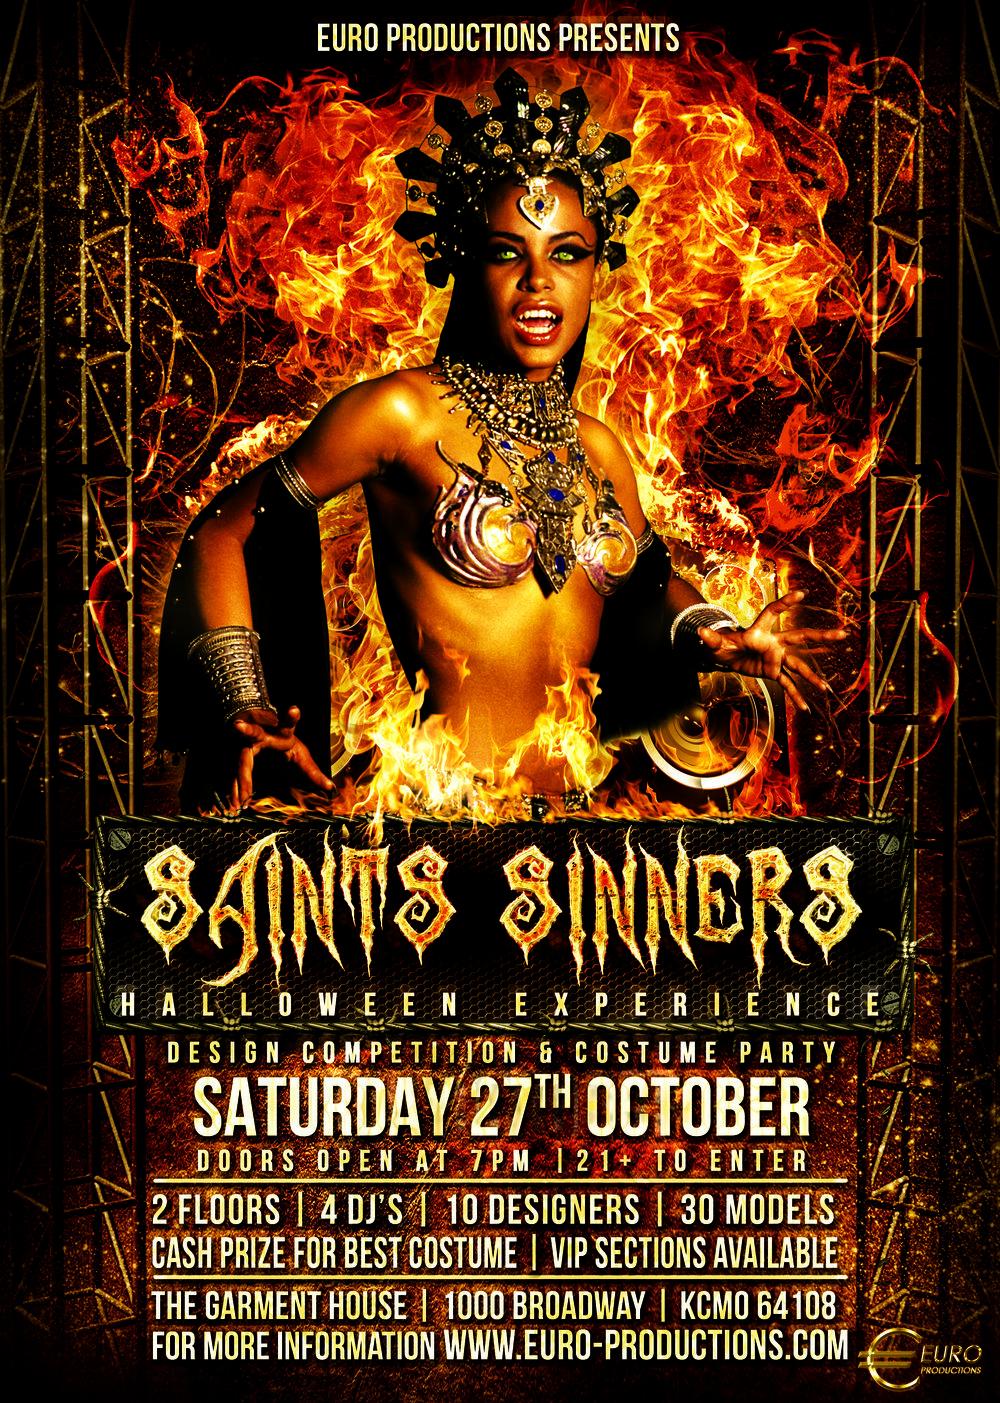 Saints and sinner main graphic 1.jpg